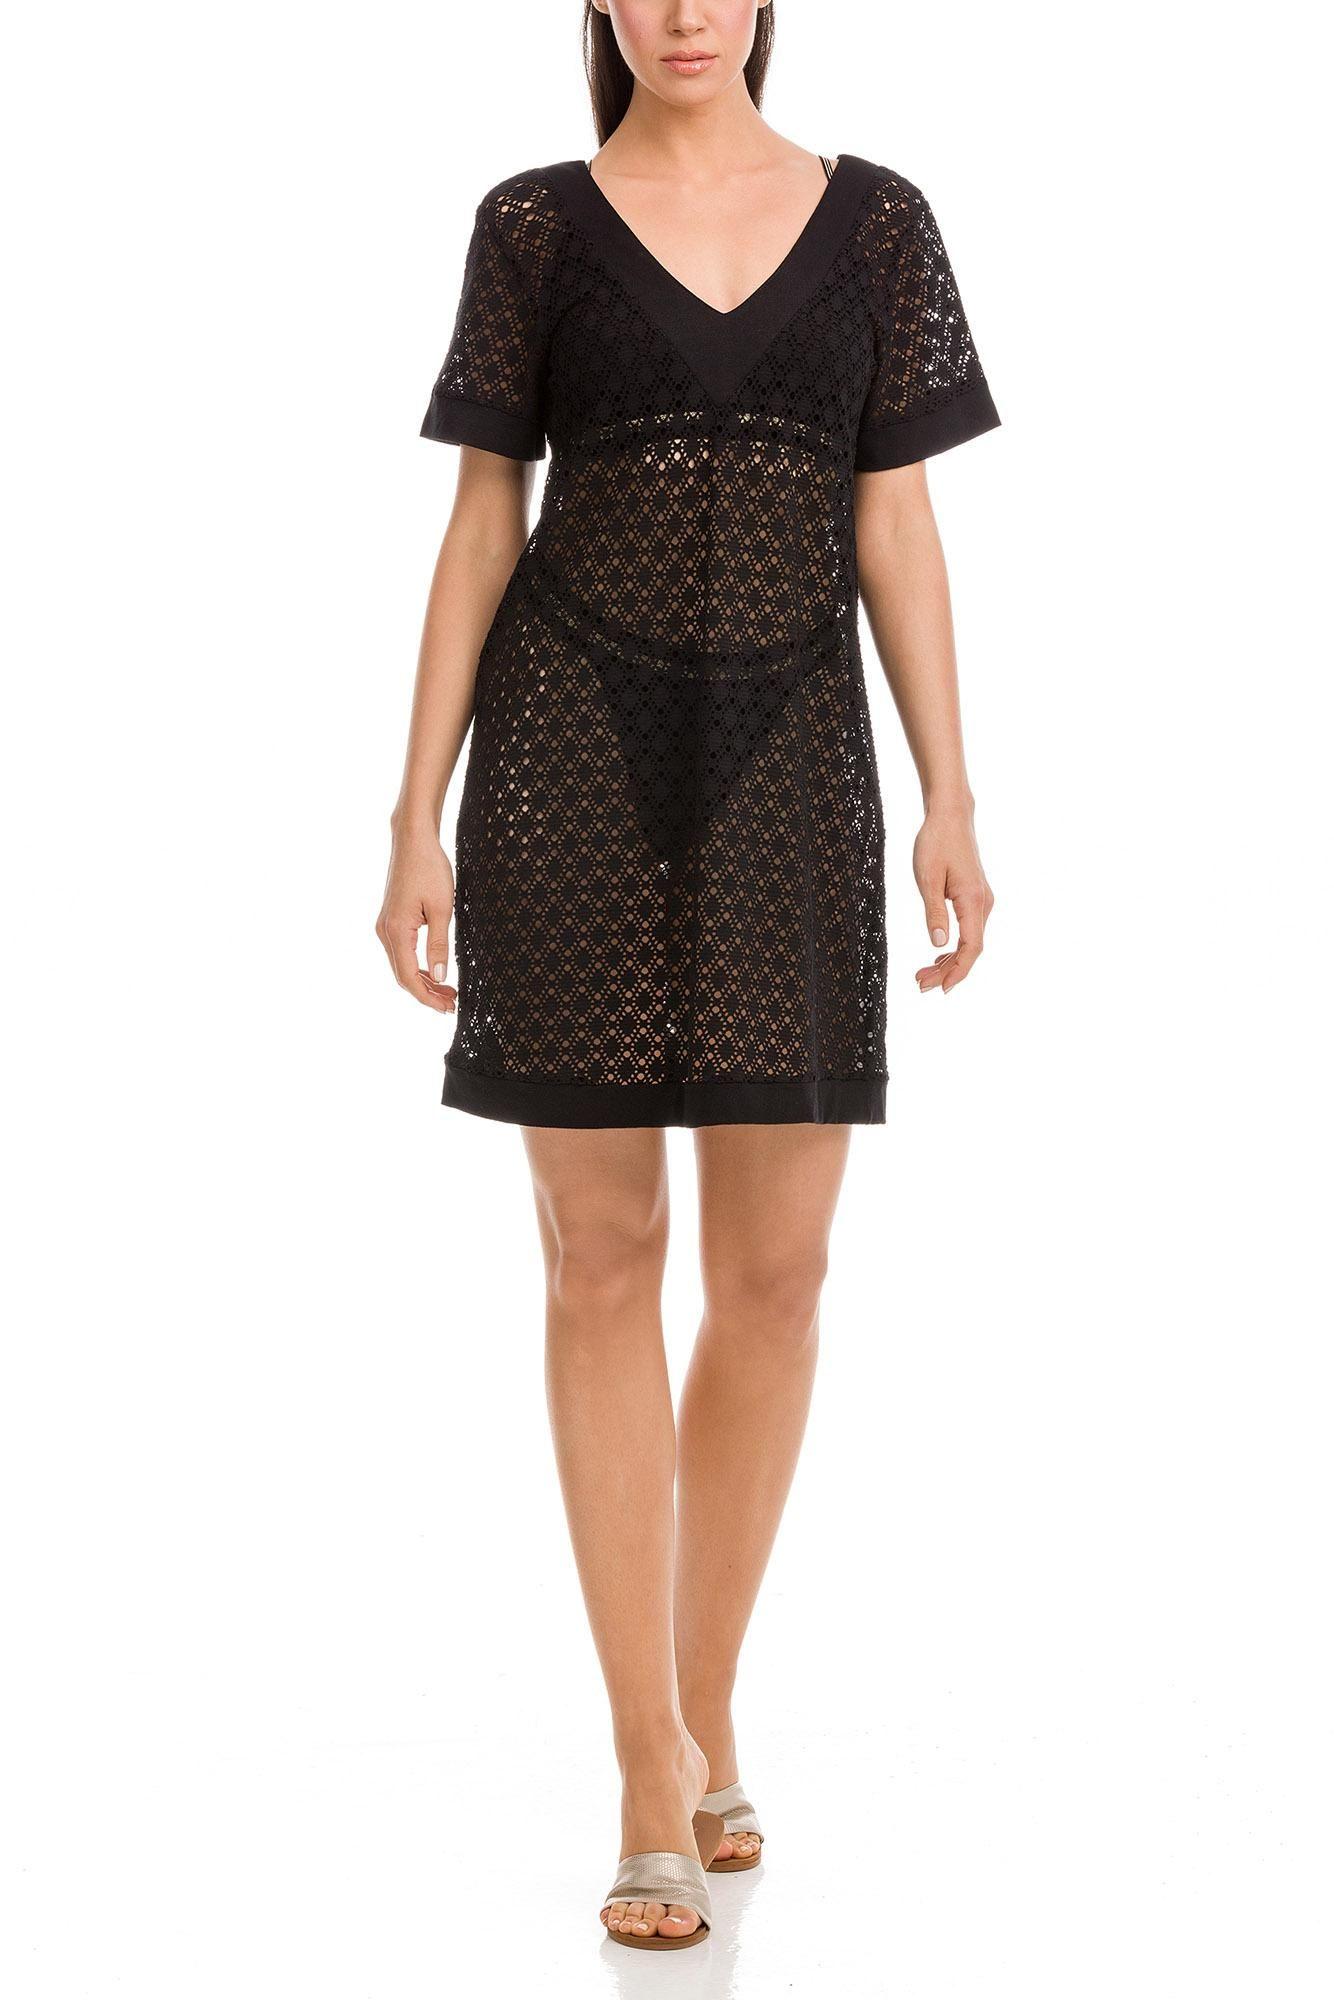 Φόρεμα Θαλάσσης Κοντό Ζακάρ